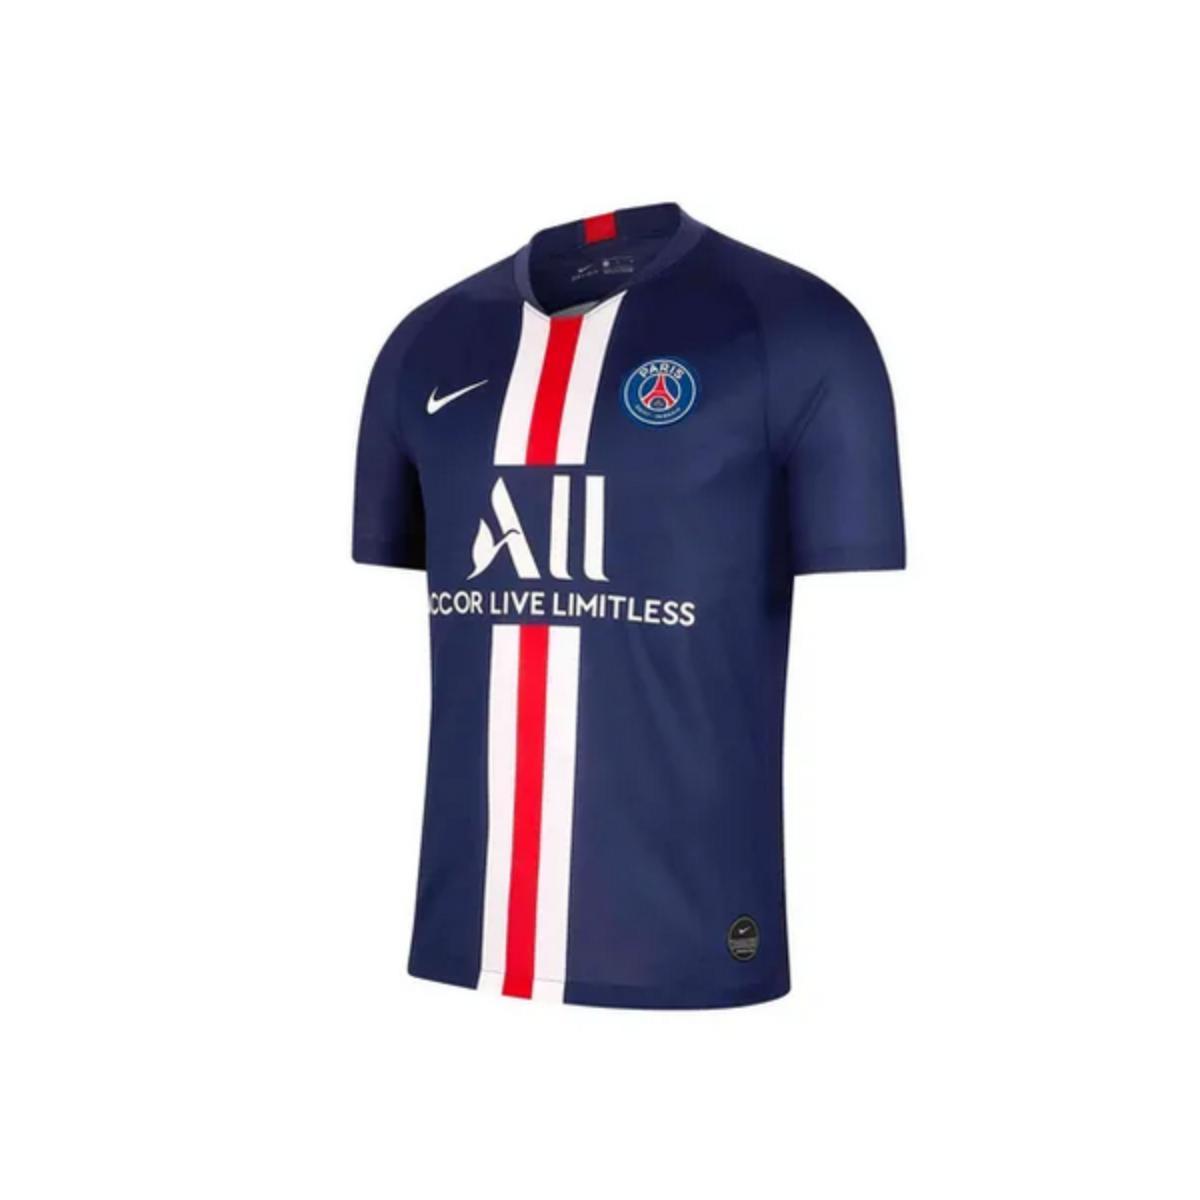 Camiseta Masculina Nike Aj5553-411 Paris Saint Germain Stadium 2019 Marinho